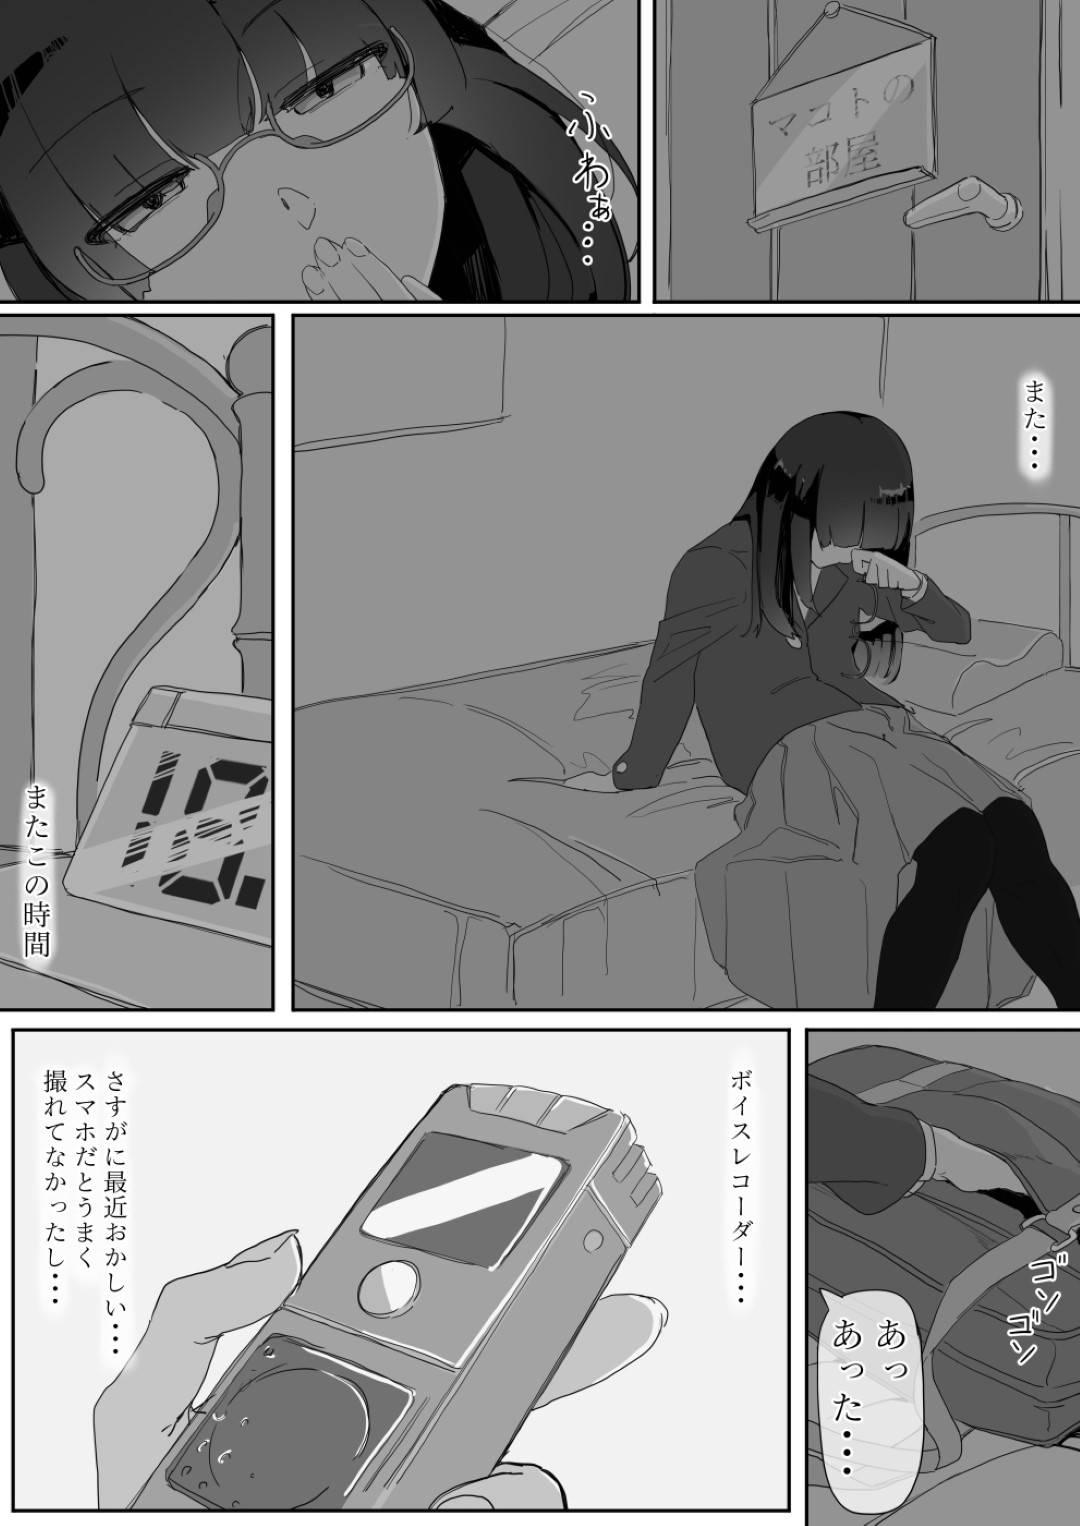 【エロ漫画】【エロ漫画】学校から帰って寝落ちしがちなHな夢見るJK…寸止めオナニーやクリキャップで焦らされたマンコに挿入して貰い絶頂を感じ、潮吹きSEXを感じるがまた目から覚めるのであった…【調四季:睡眠を・・・2】